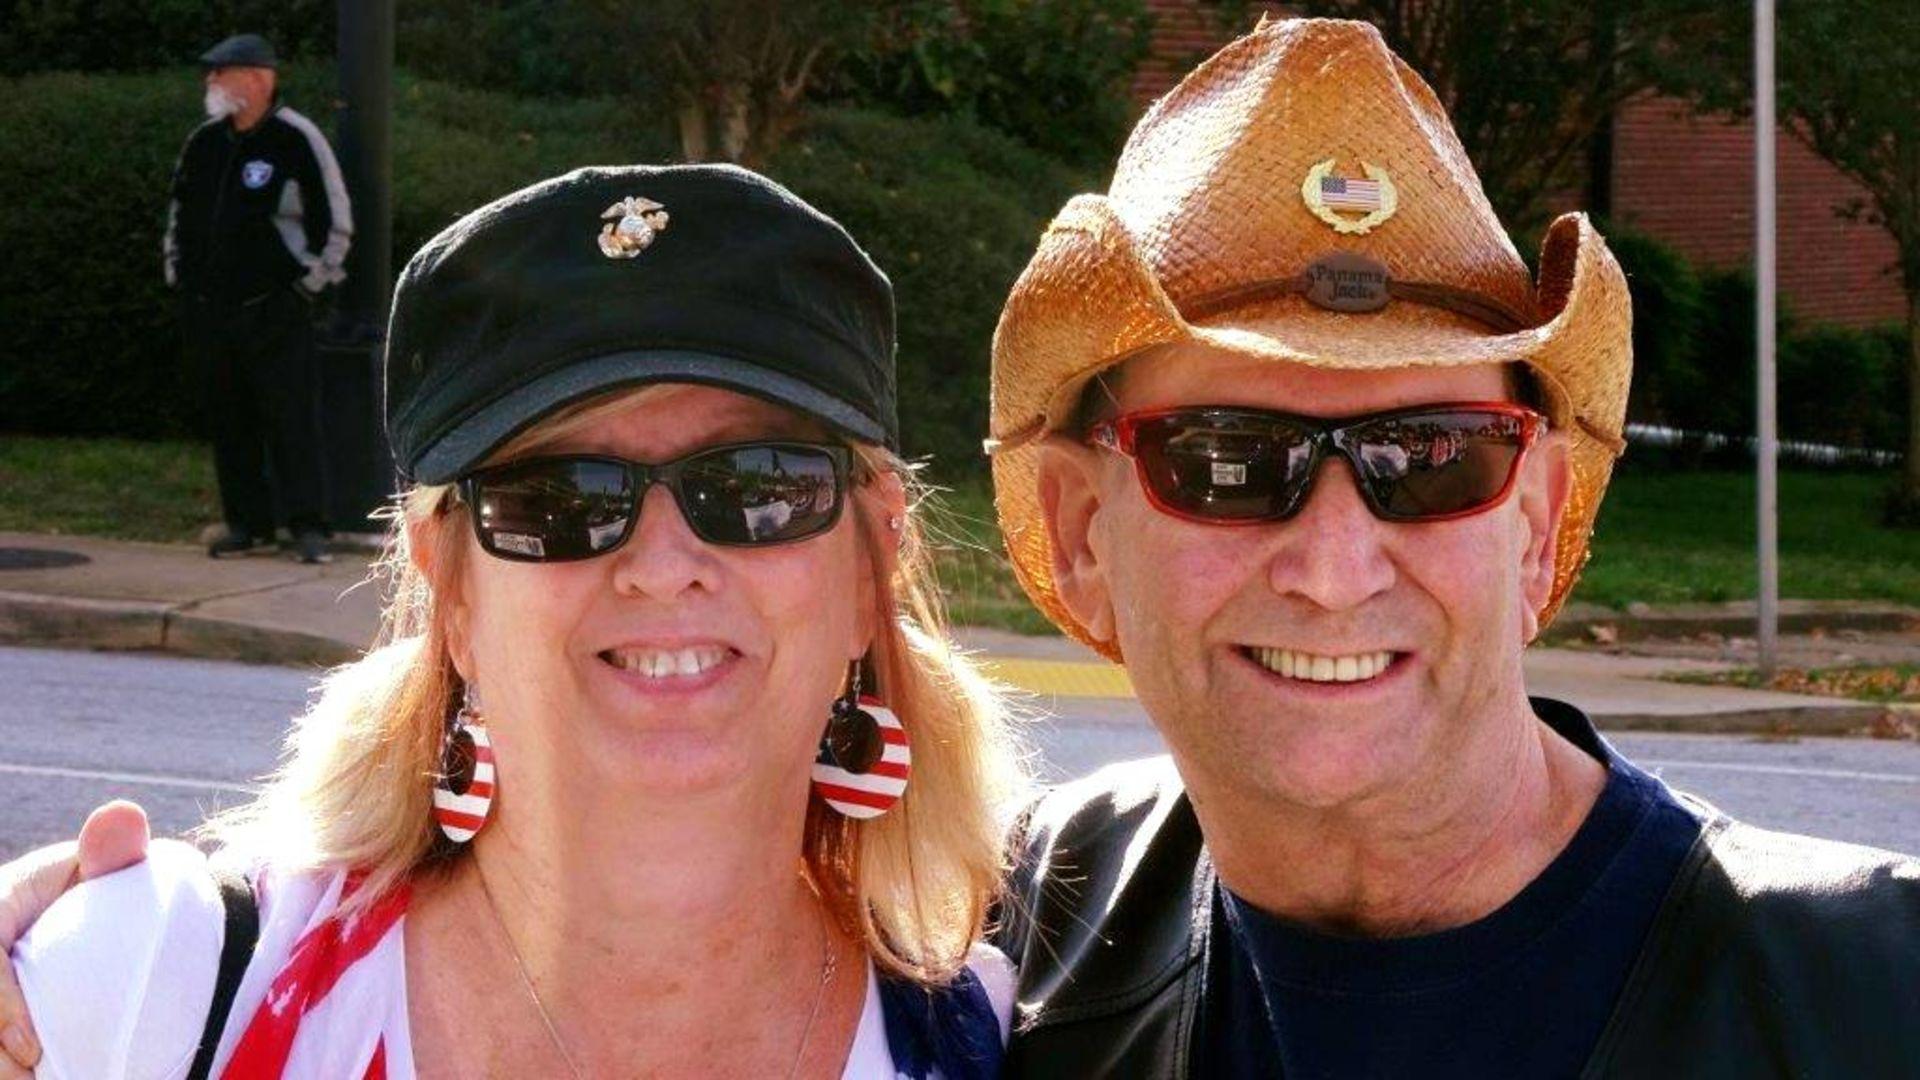 Follow Up on Billy Konrad, Anderson Vietnam Vet in Need of Kidney